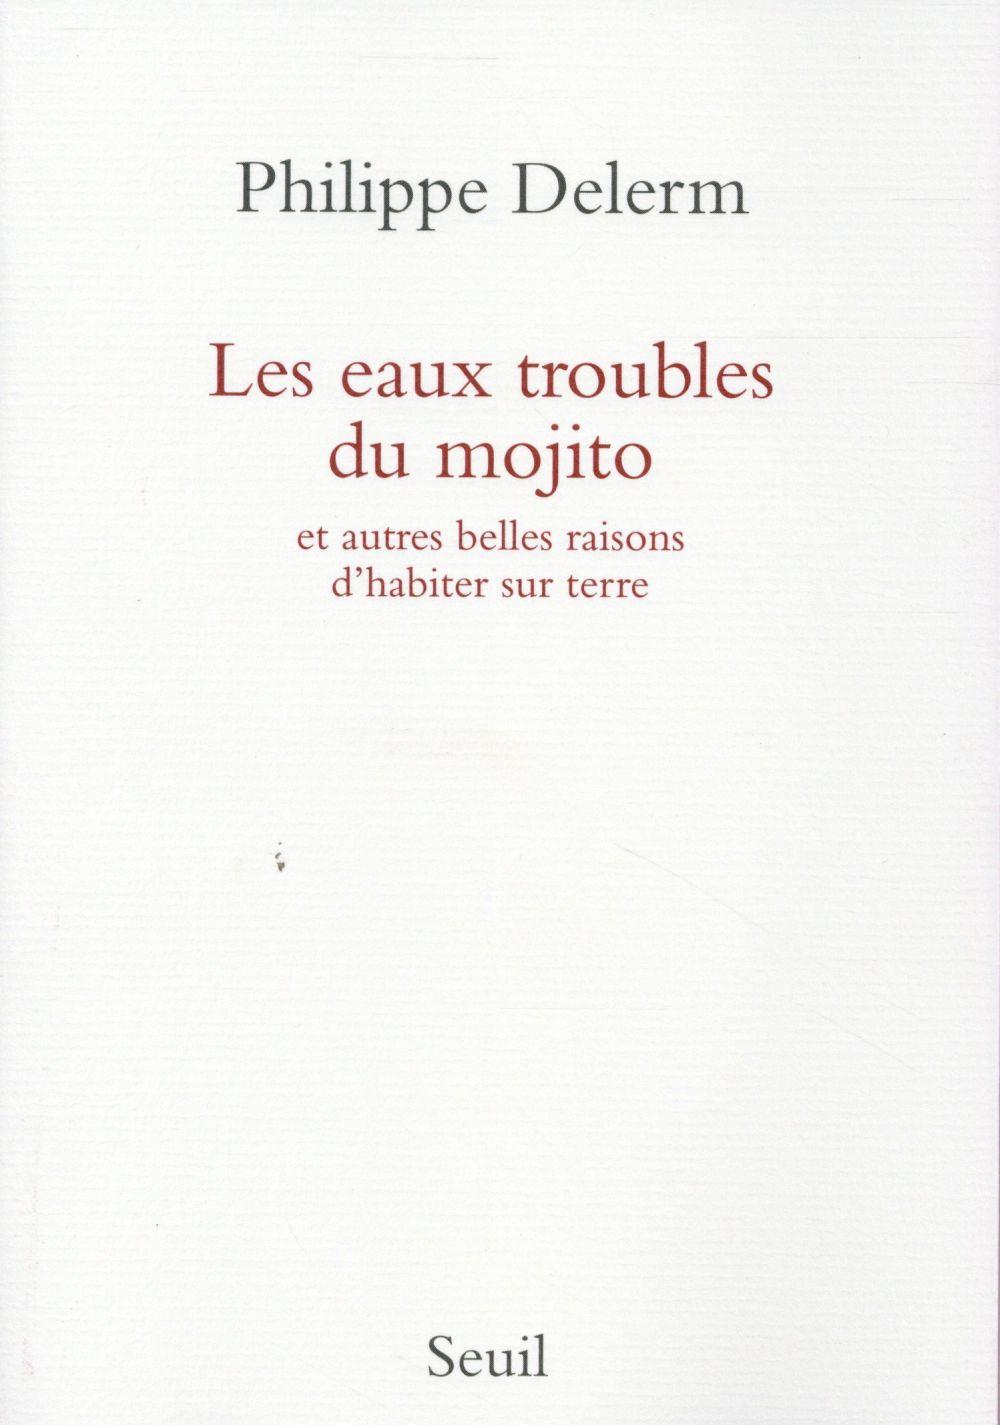 LES EAUX TROUBLES DU MOJITO. ET AUTRES BELLES RAISONS D'HABITER SUR TERRE